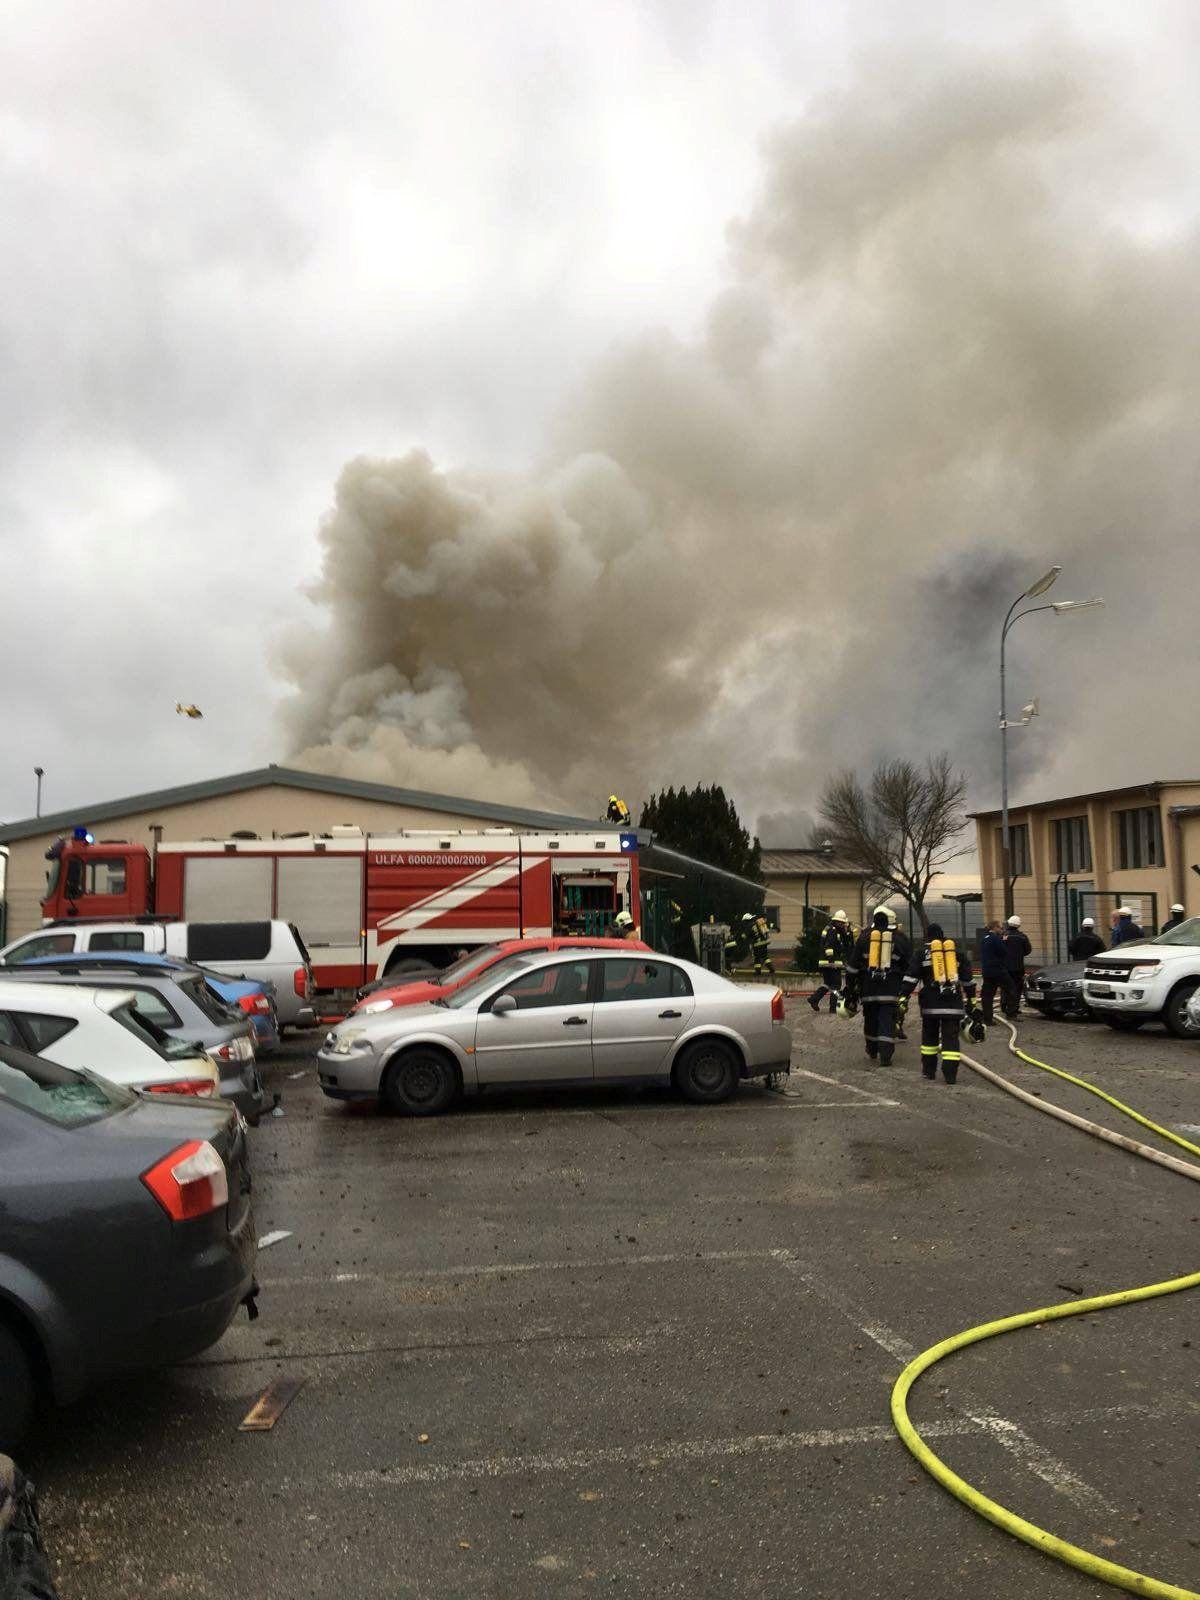 Облако дыма и расплавленные авто. В Австрии в результате взрыва на газопроводе есть жертвы